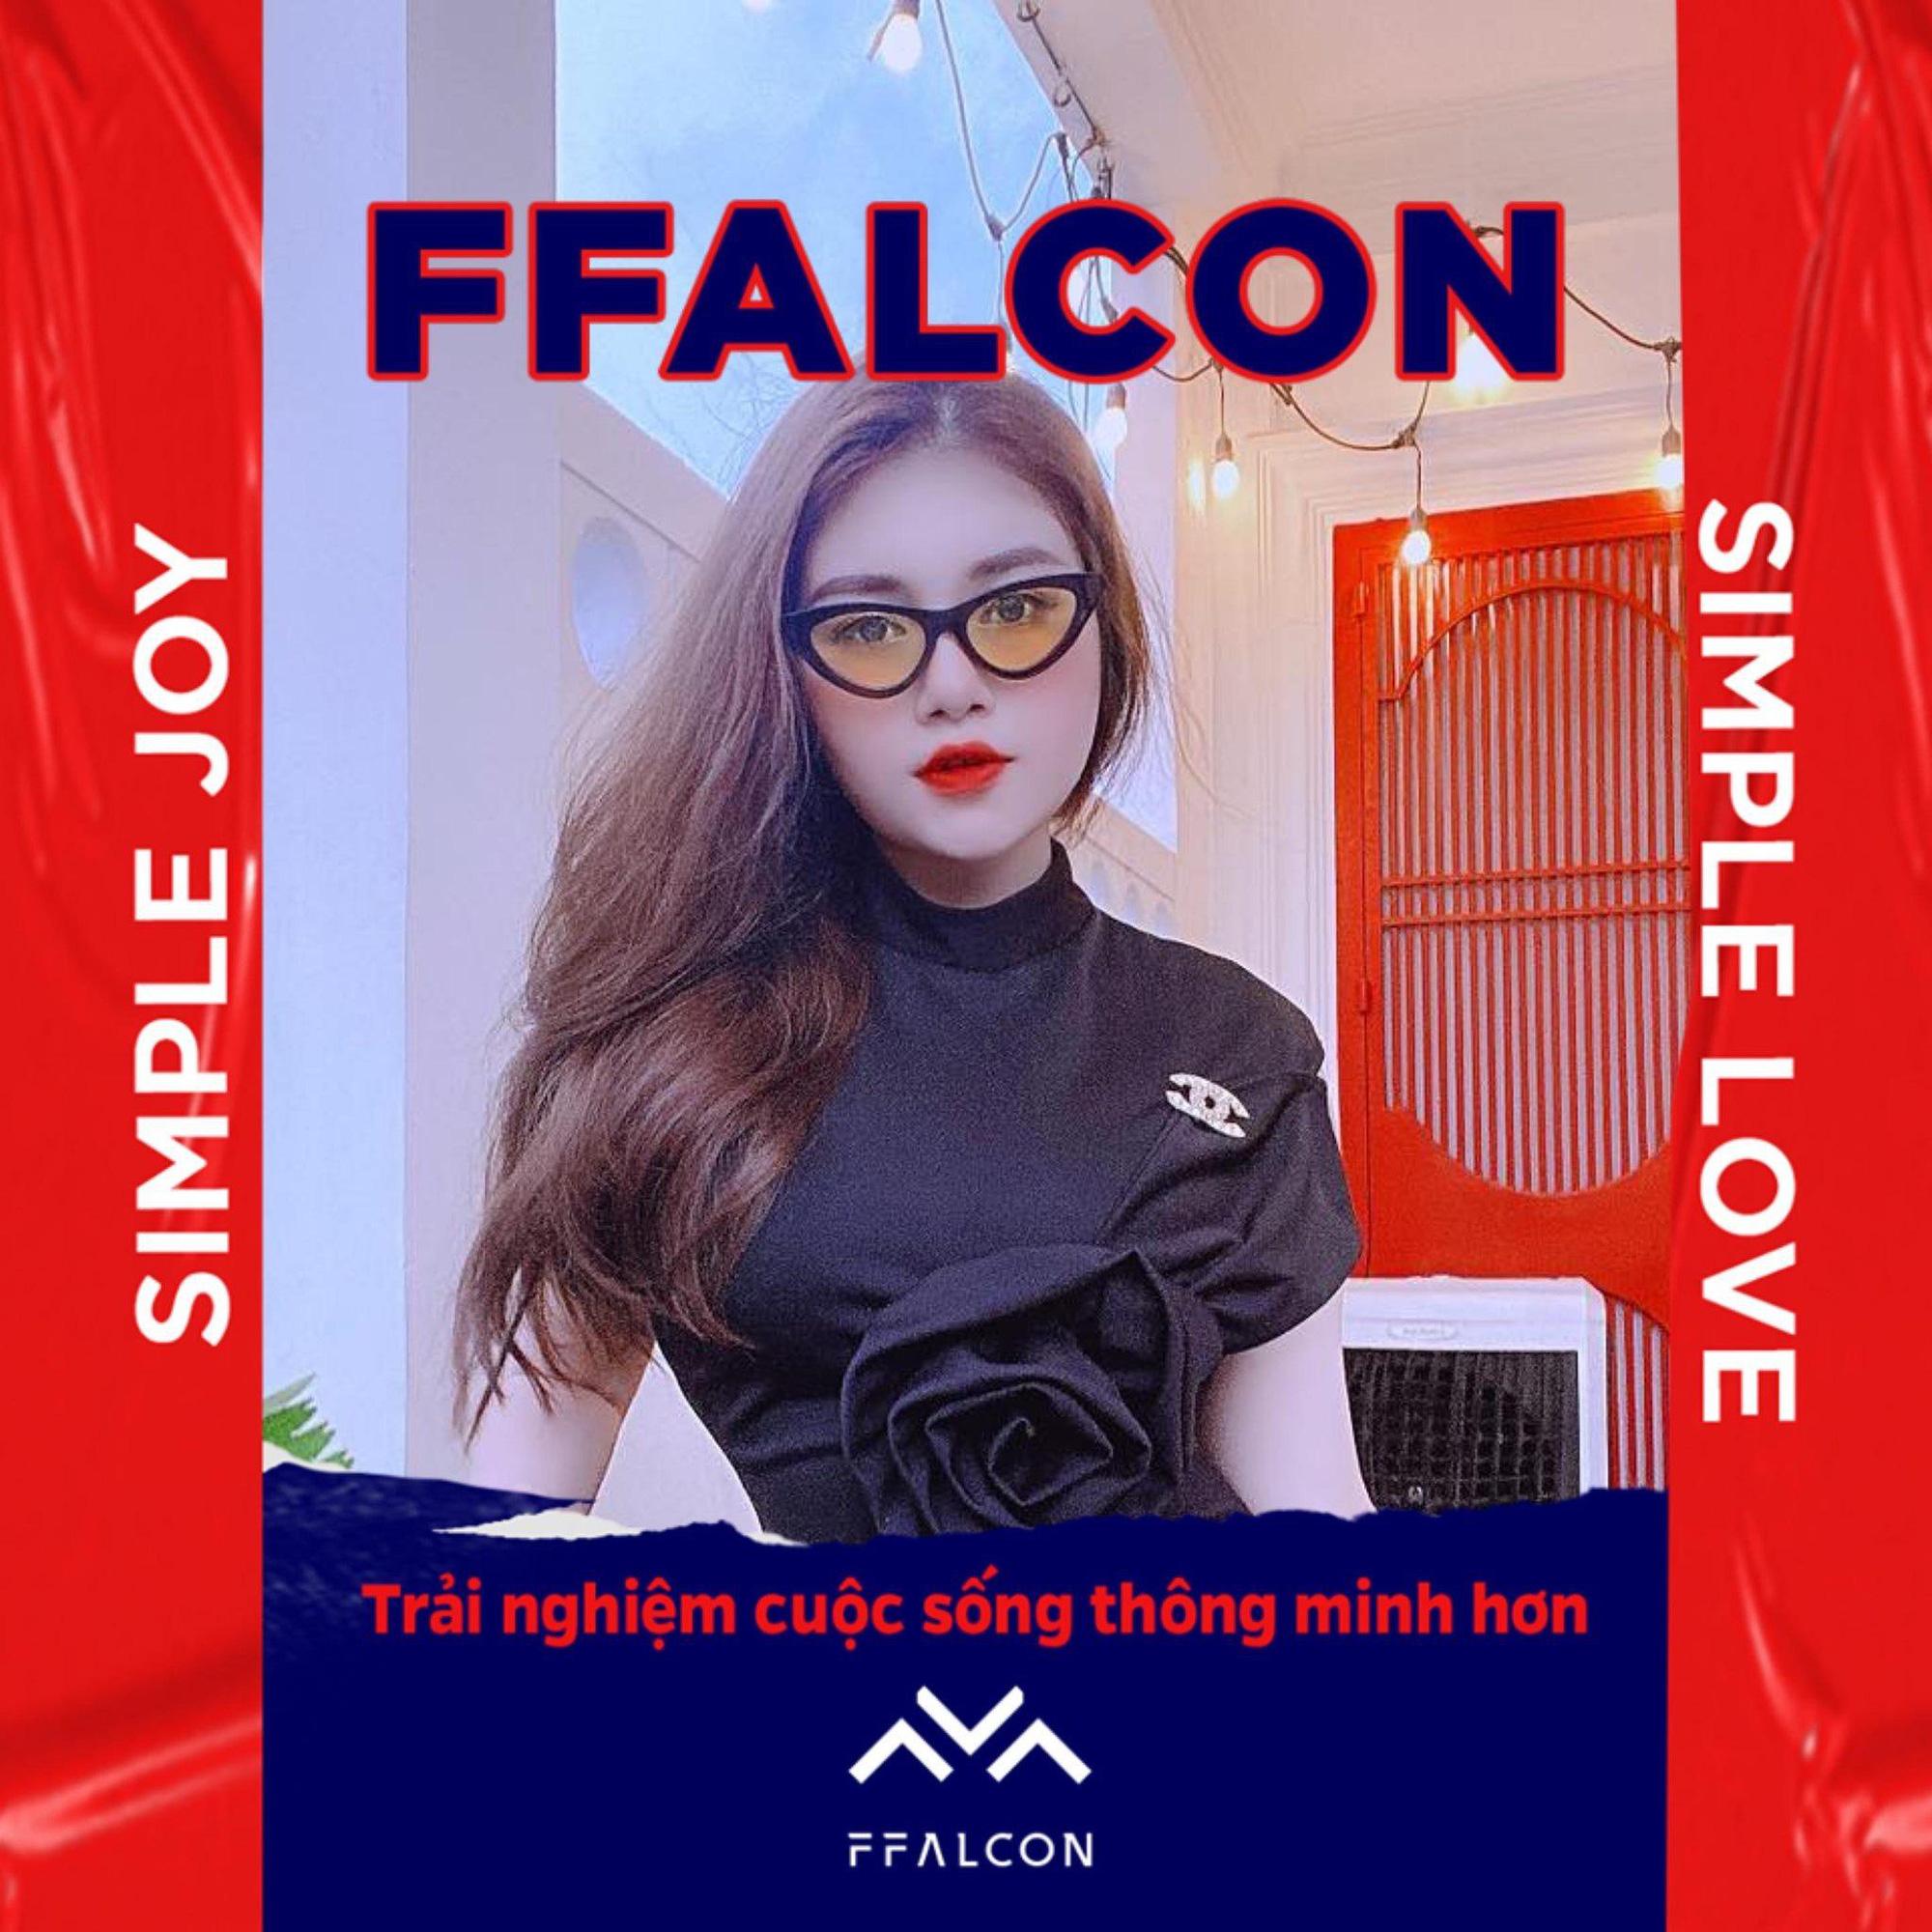 """Không cần ra đường bạn vẫn có thể lên ảnh bìa tạp chí với cuộc thi """"The FFalcon Face - Ảnh 1."""